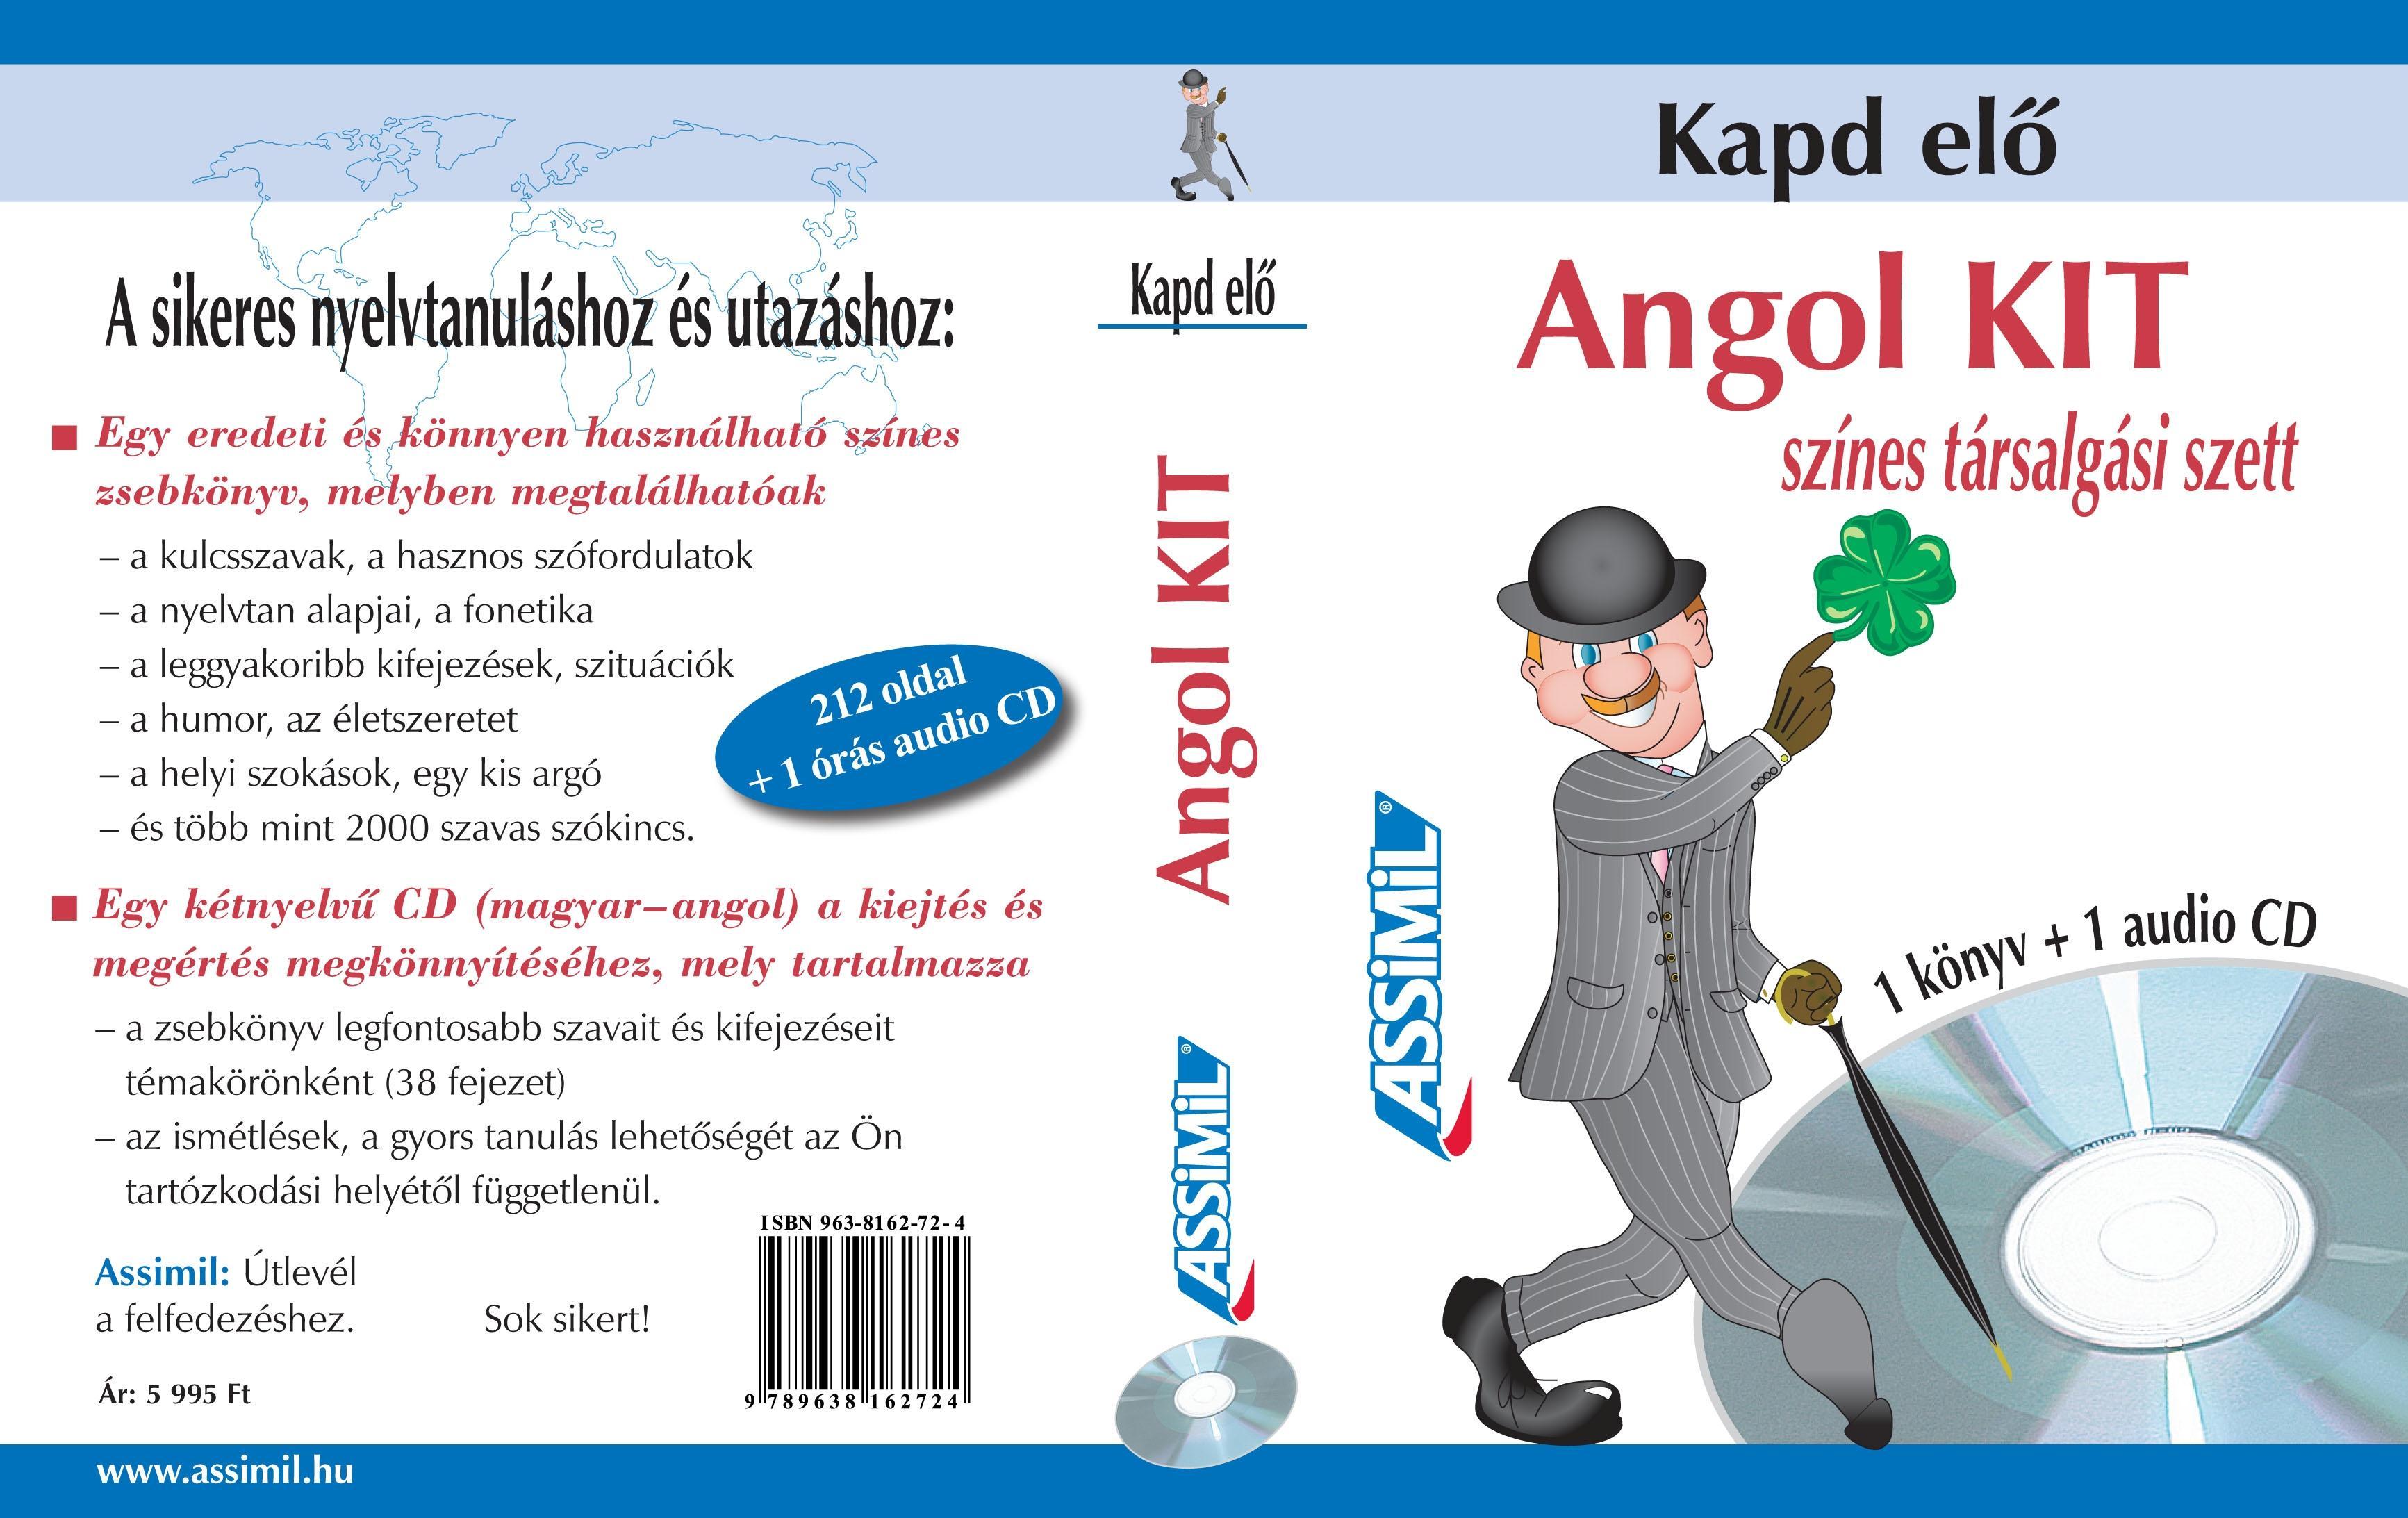 ANGOL KIT - KAPD ELŐ, SZÍNES TÁRSALGÁSI SZETT (KÖNYV+CD)